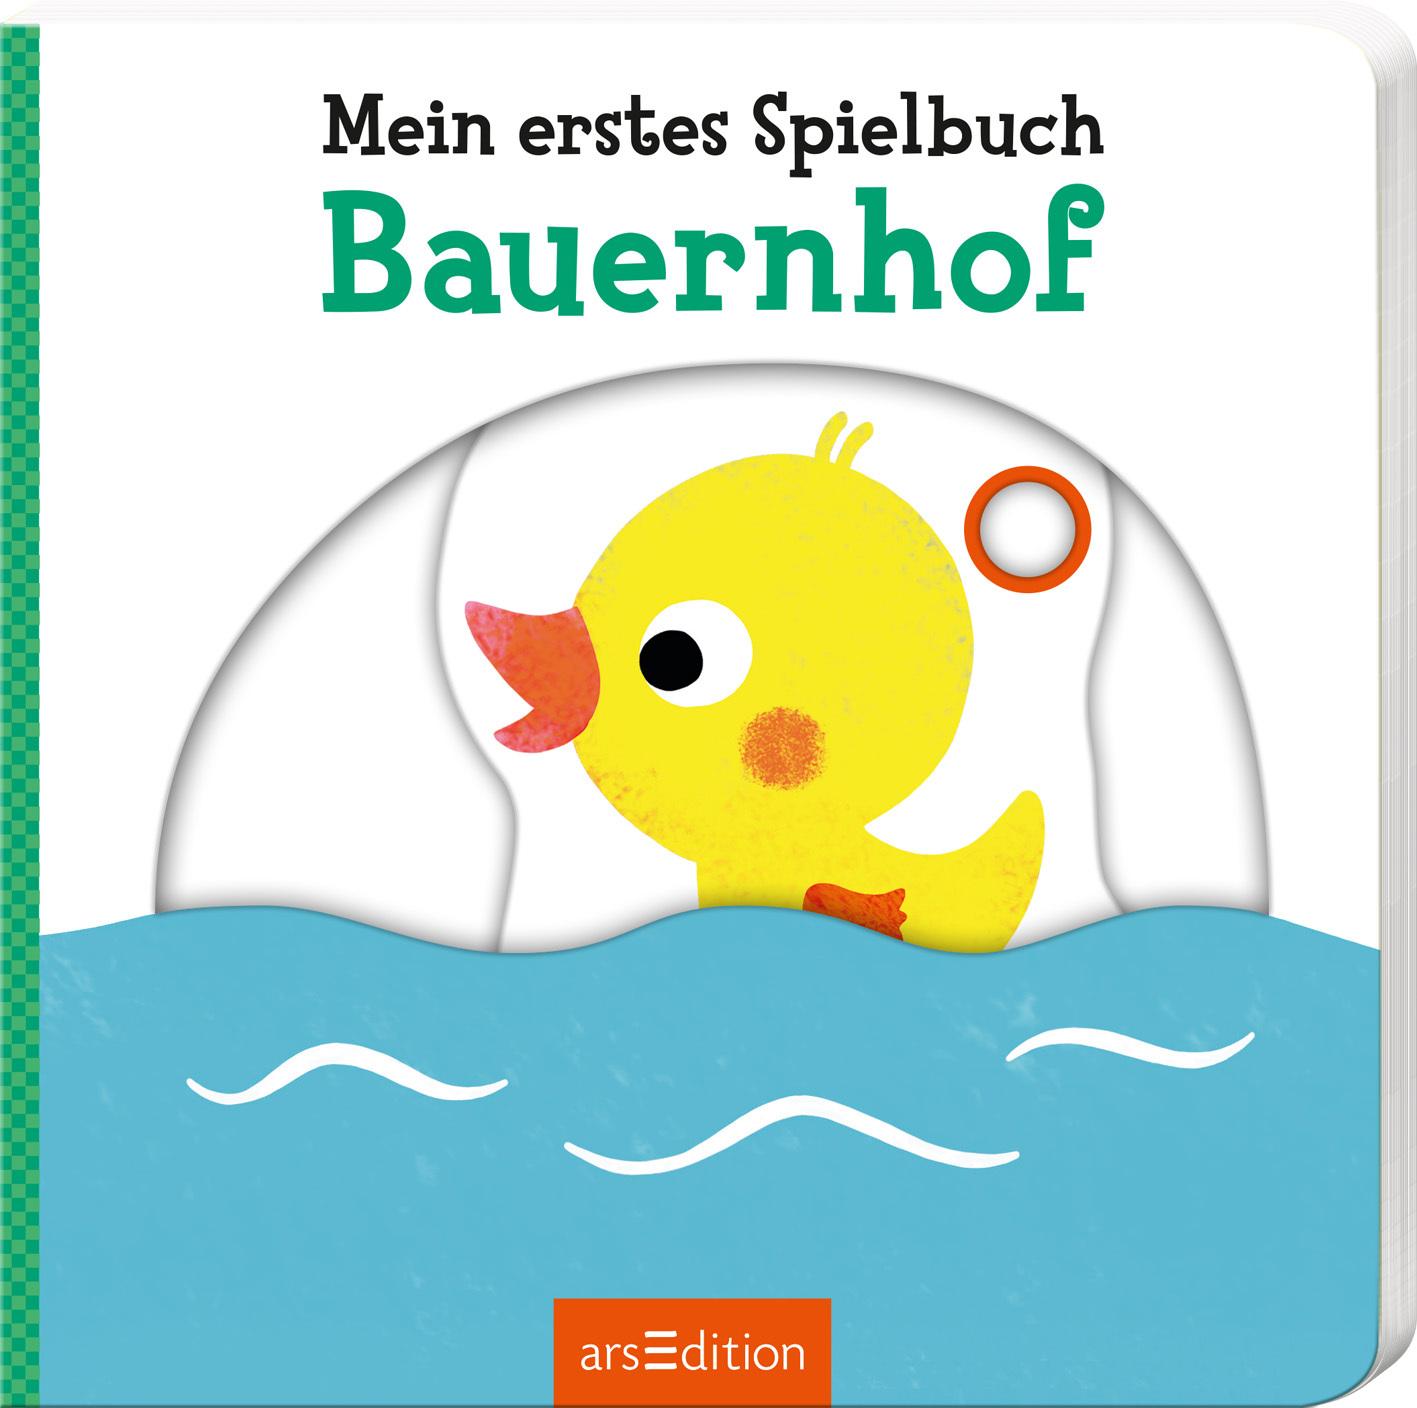 »MEIN ERSTES SPIELBUCH BAUERNHOF« — ARS EDITION